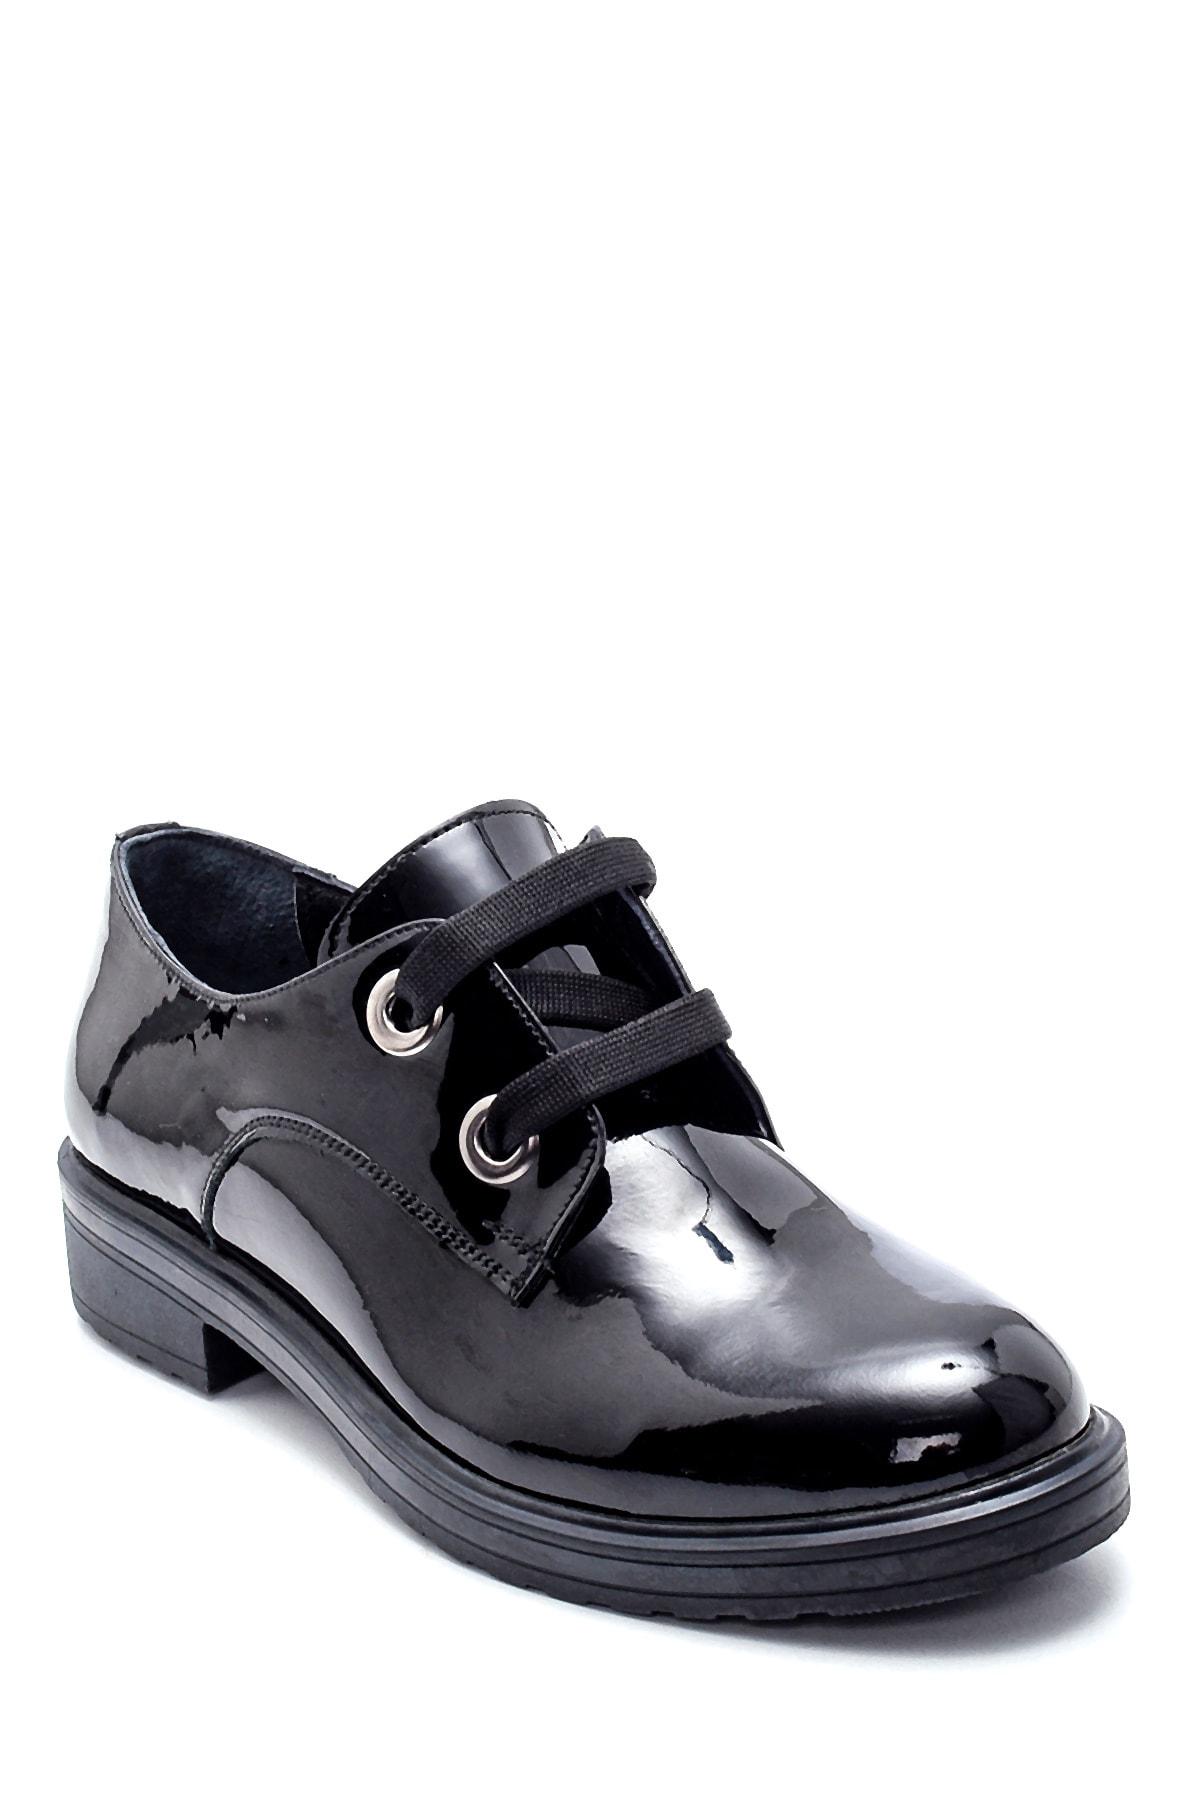 Derimod Kadın Deri Rugan Ayakkabı 2